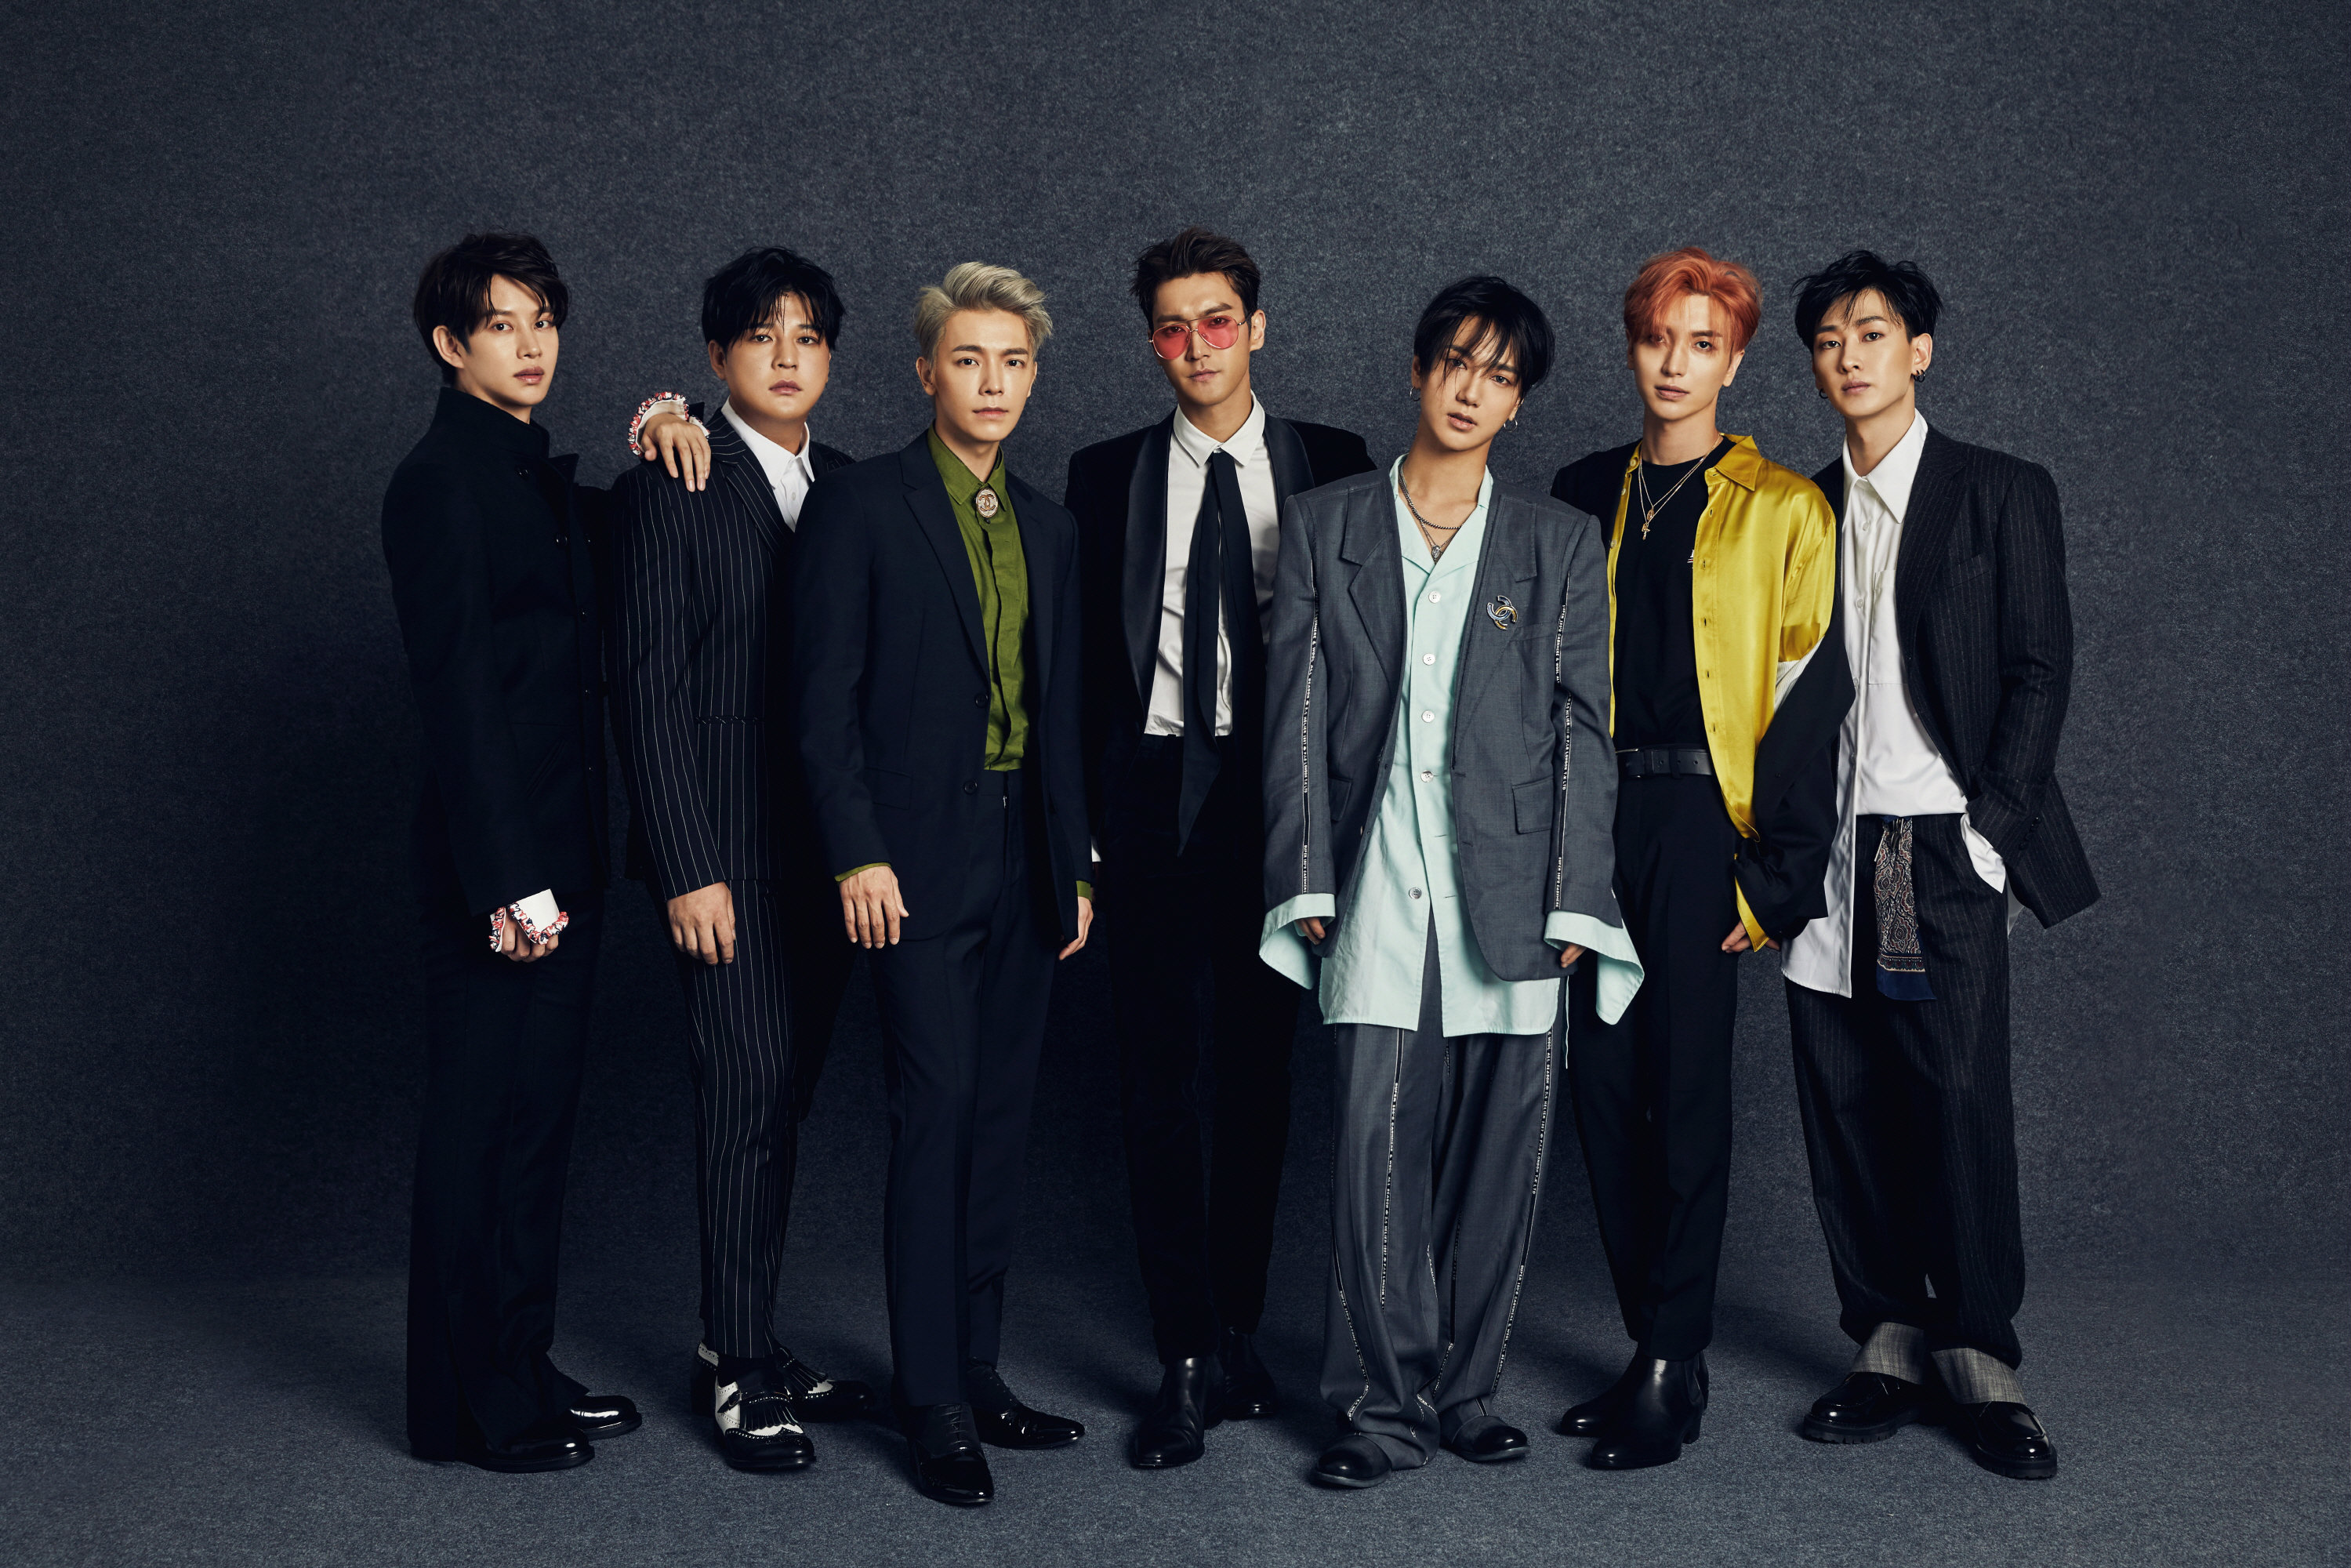 菲律宾最大音乐颁奖典礼上Super Junior获年度MV大奖